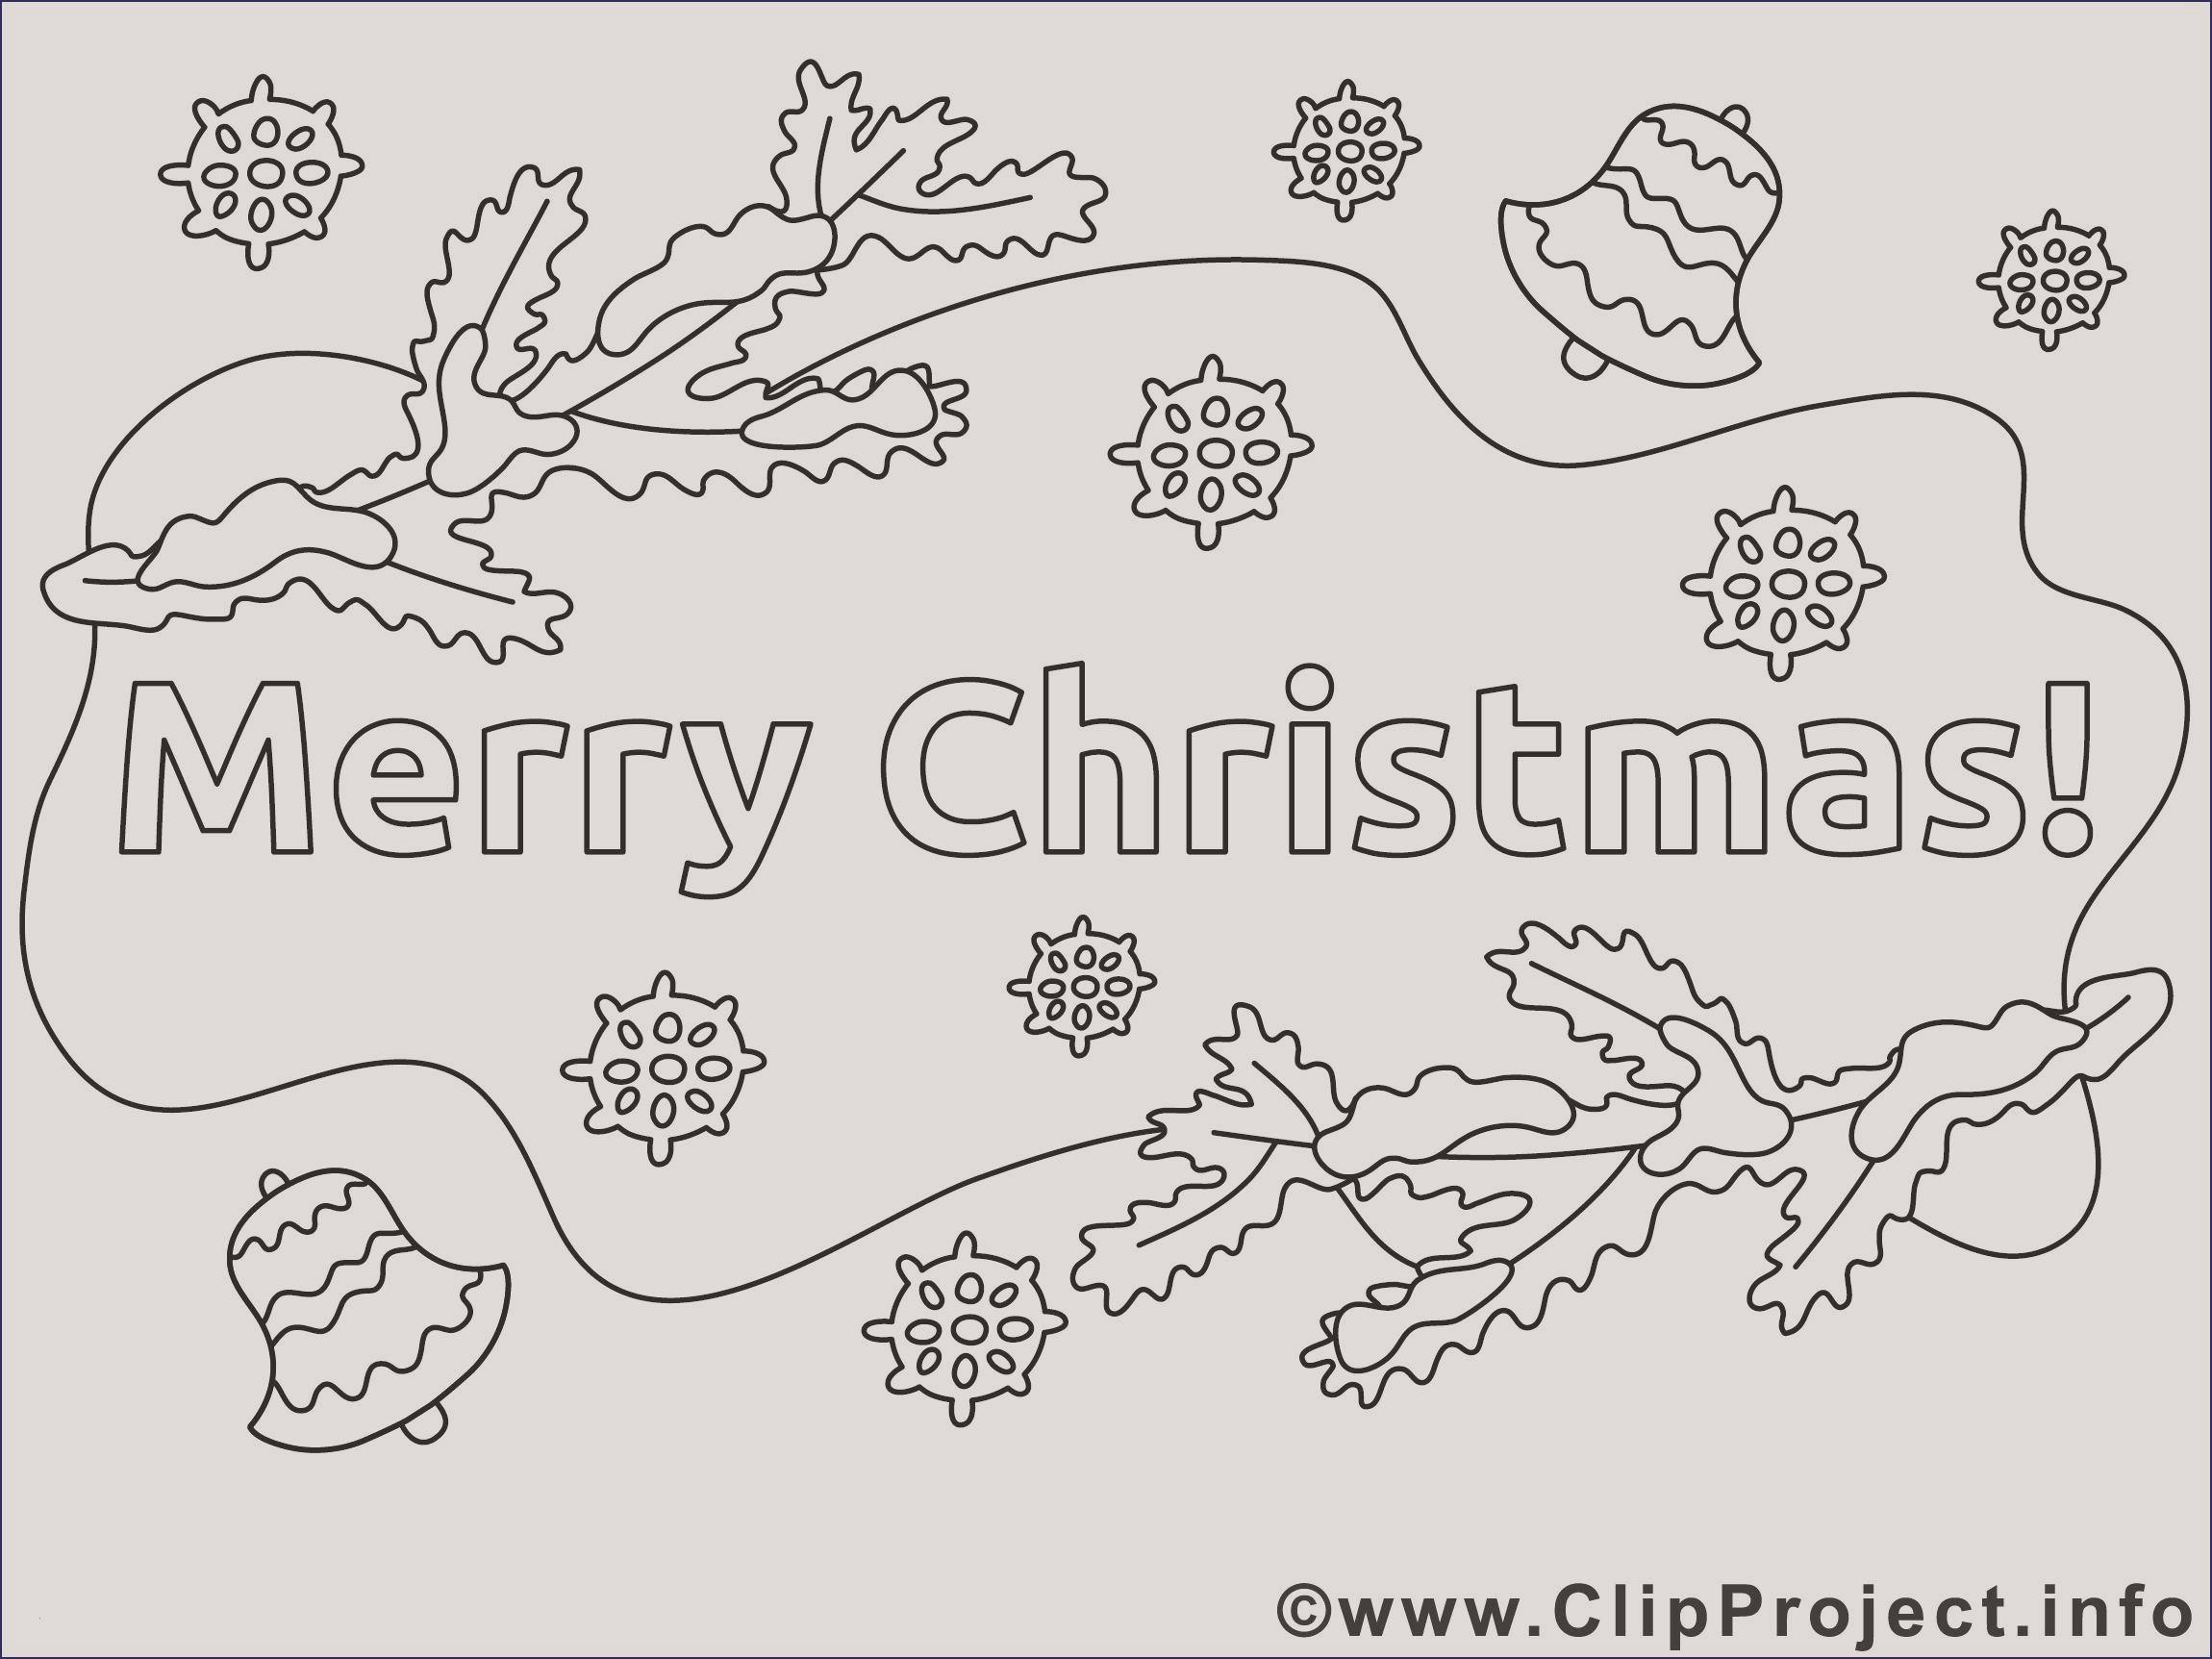 Ausmalbilder Weihnachten Merry Christmas Frisch 31 Kostenlose Ausmalbilder Weihnachten Kostenlos Ausdrucken Das Bild